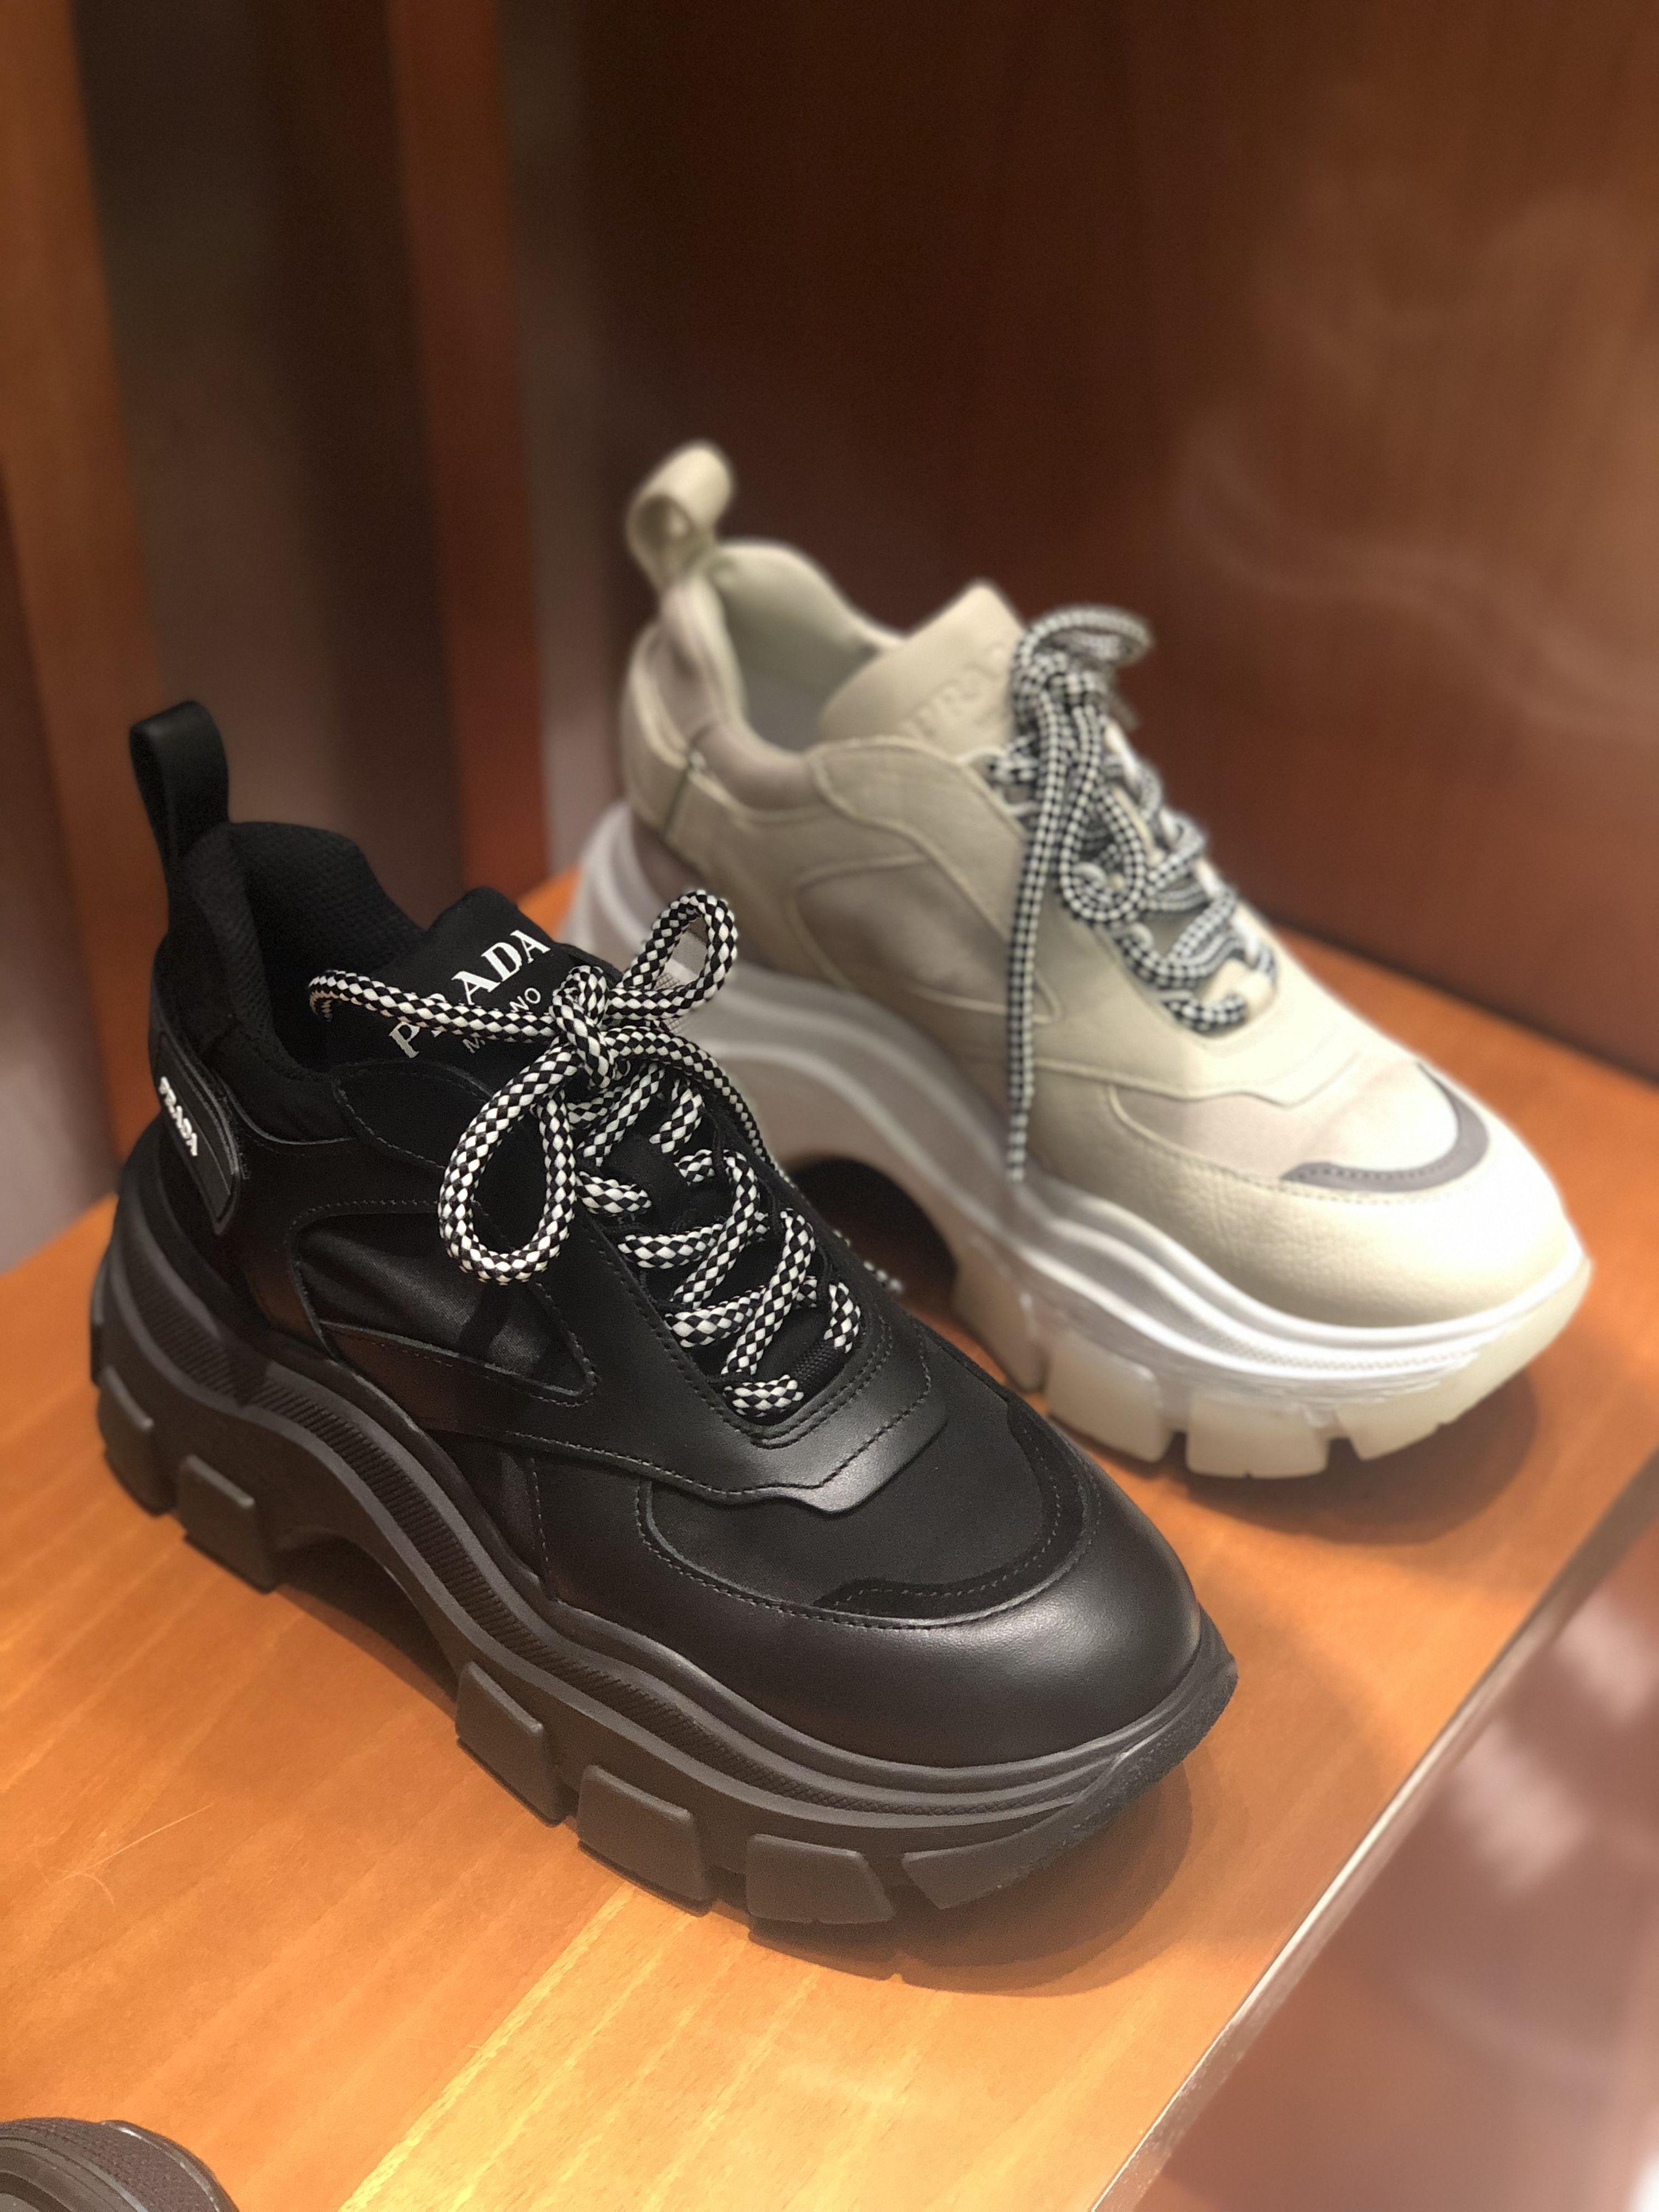 Permanentemente Todo el tiempo Y así  Nike Shoes 80% OFF!> Prada new platform block sneakers in black beige by  PSL #Nike #Nikeshoes #s… | Cute nike shoes, Platform shoes sneakers, Black  high heel boots